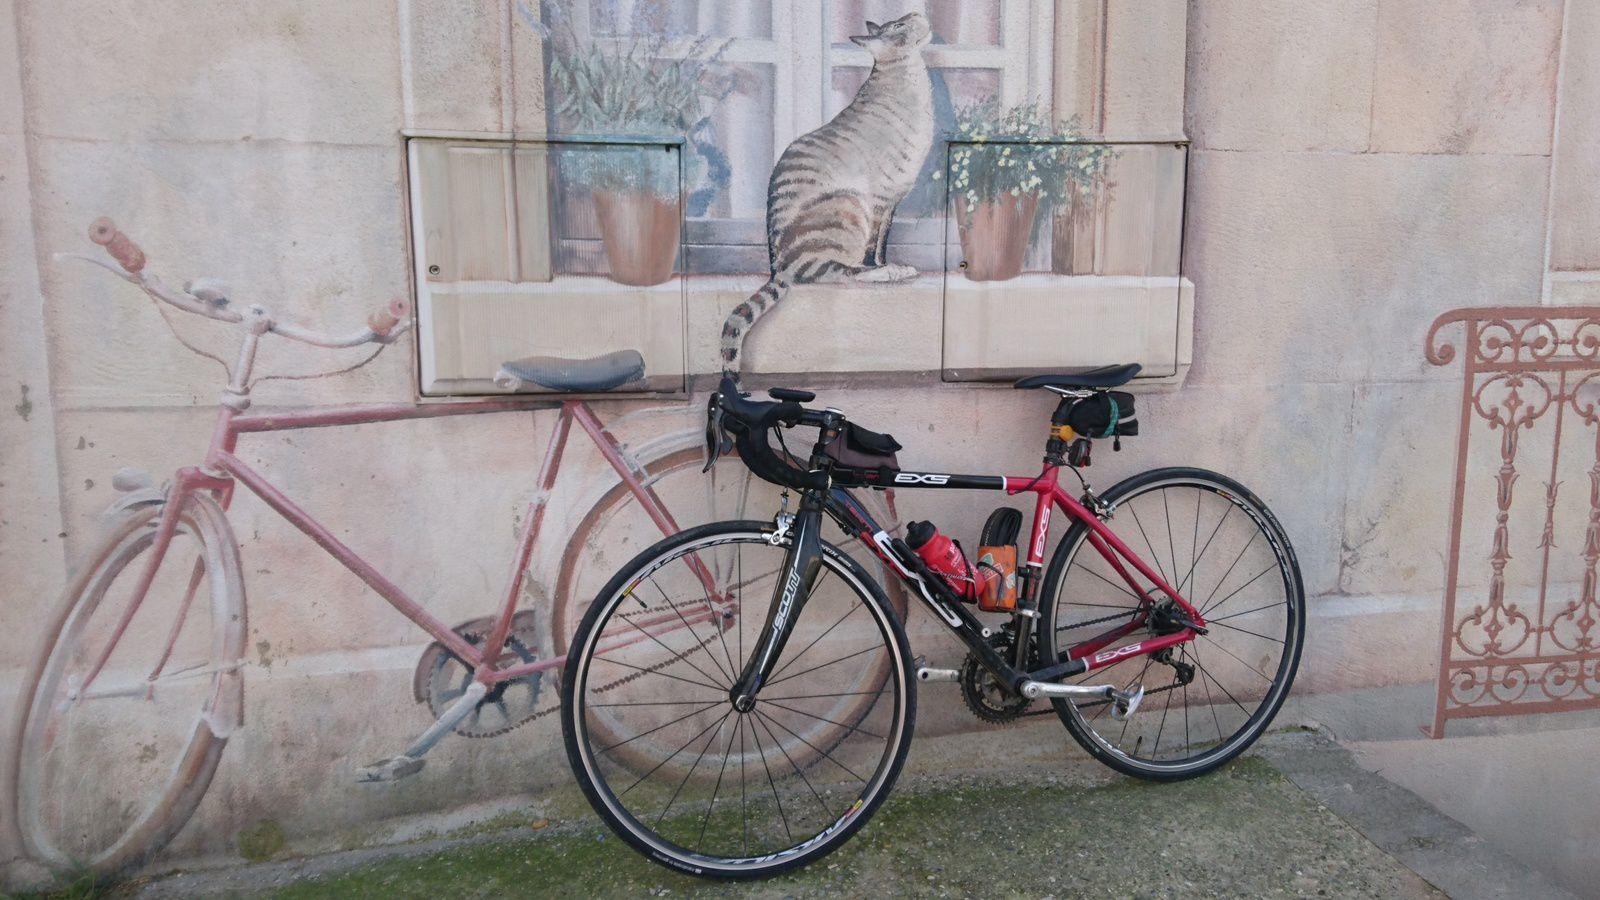 Trompe l'oeil. Mon vélo est bien réel.